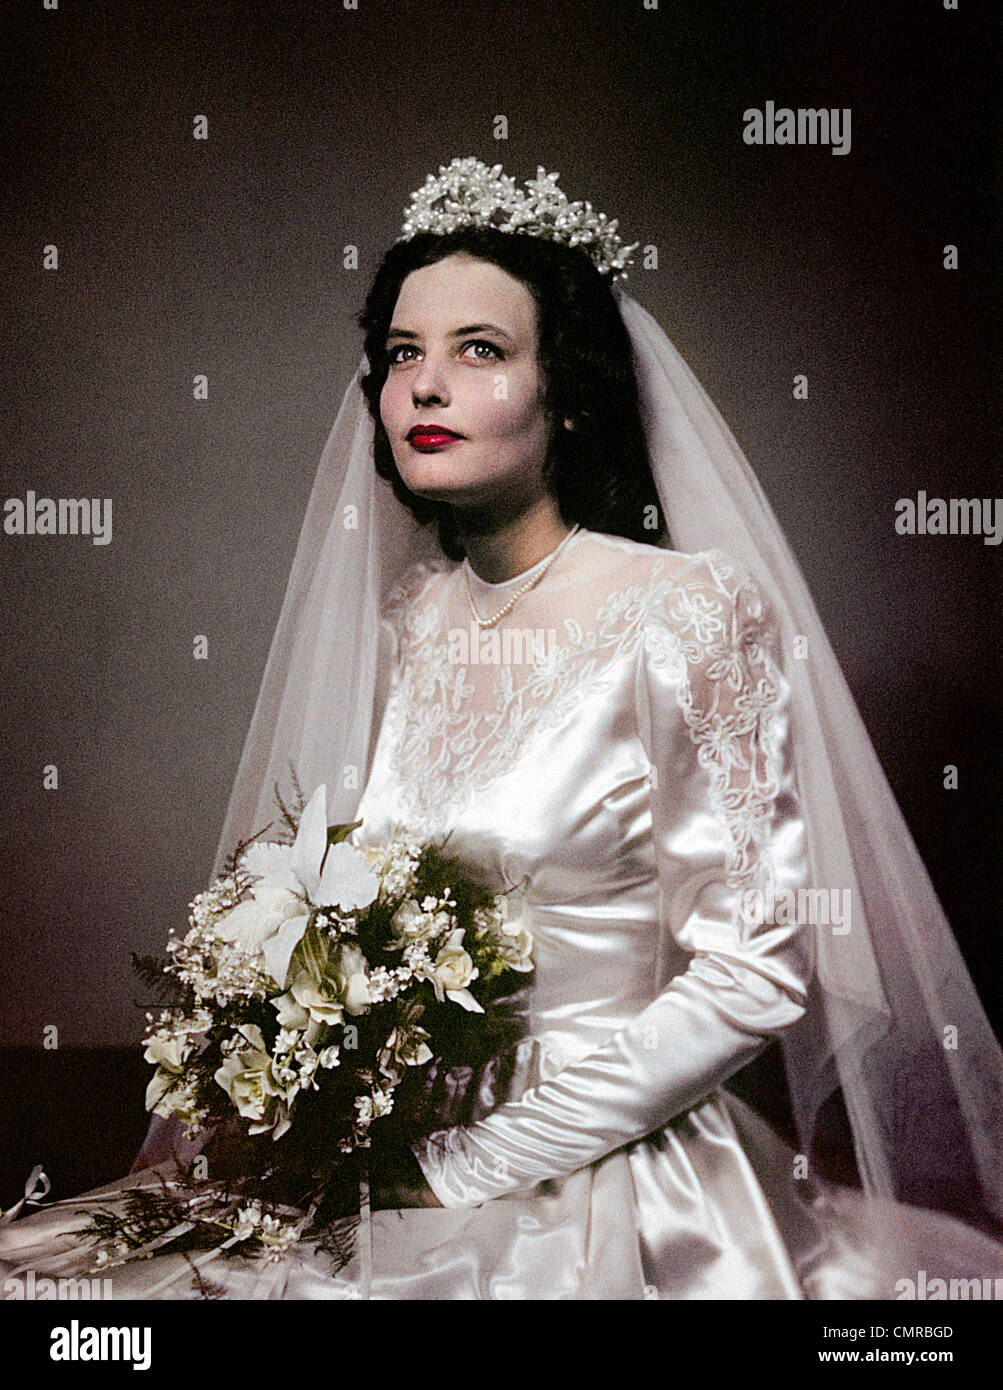 Années 1940 Années 1950 PORTRAIT BRUNETTE mariée en robe nuptiale AVEC BOUQUET DE FLEURS Photo Stock